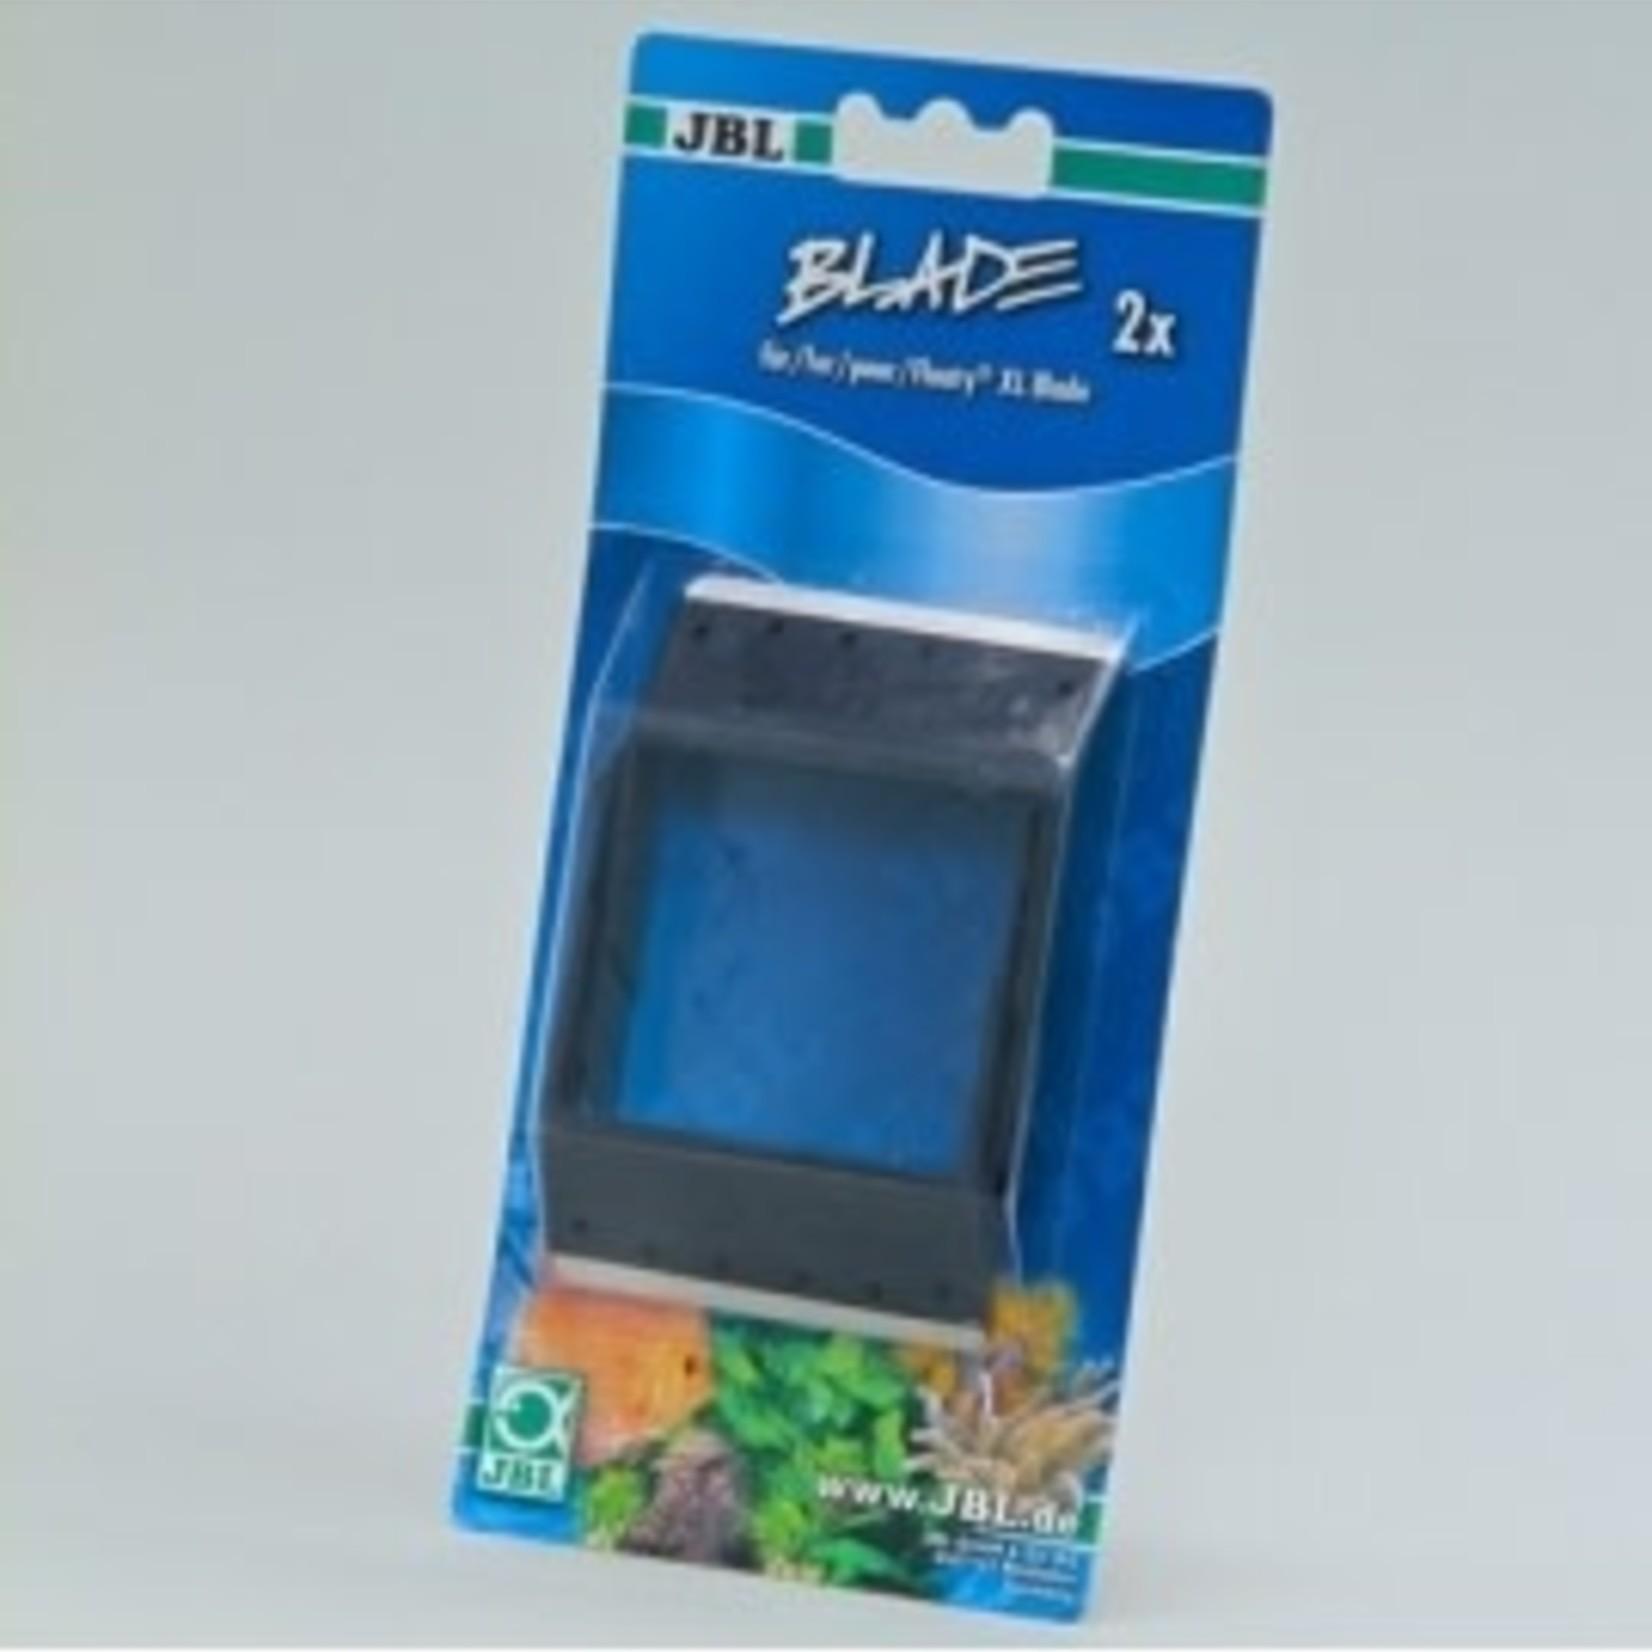 JBL Floaty Blade Magnet - Vervangende mesjes L / XL 2st